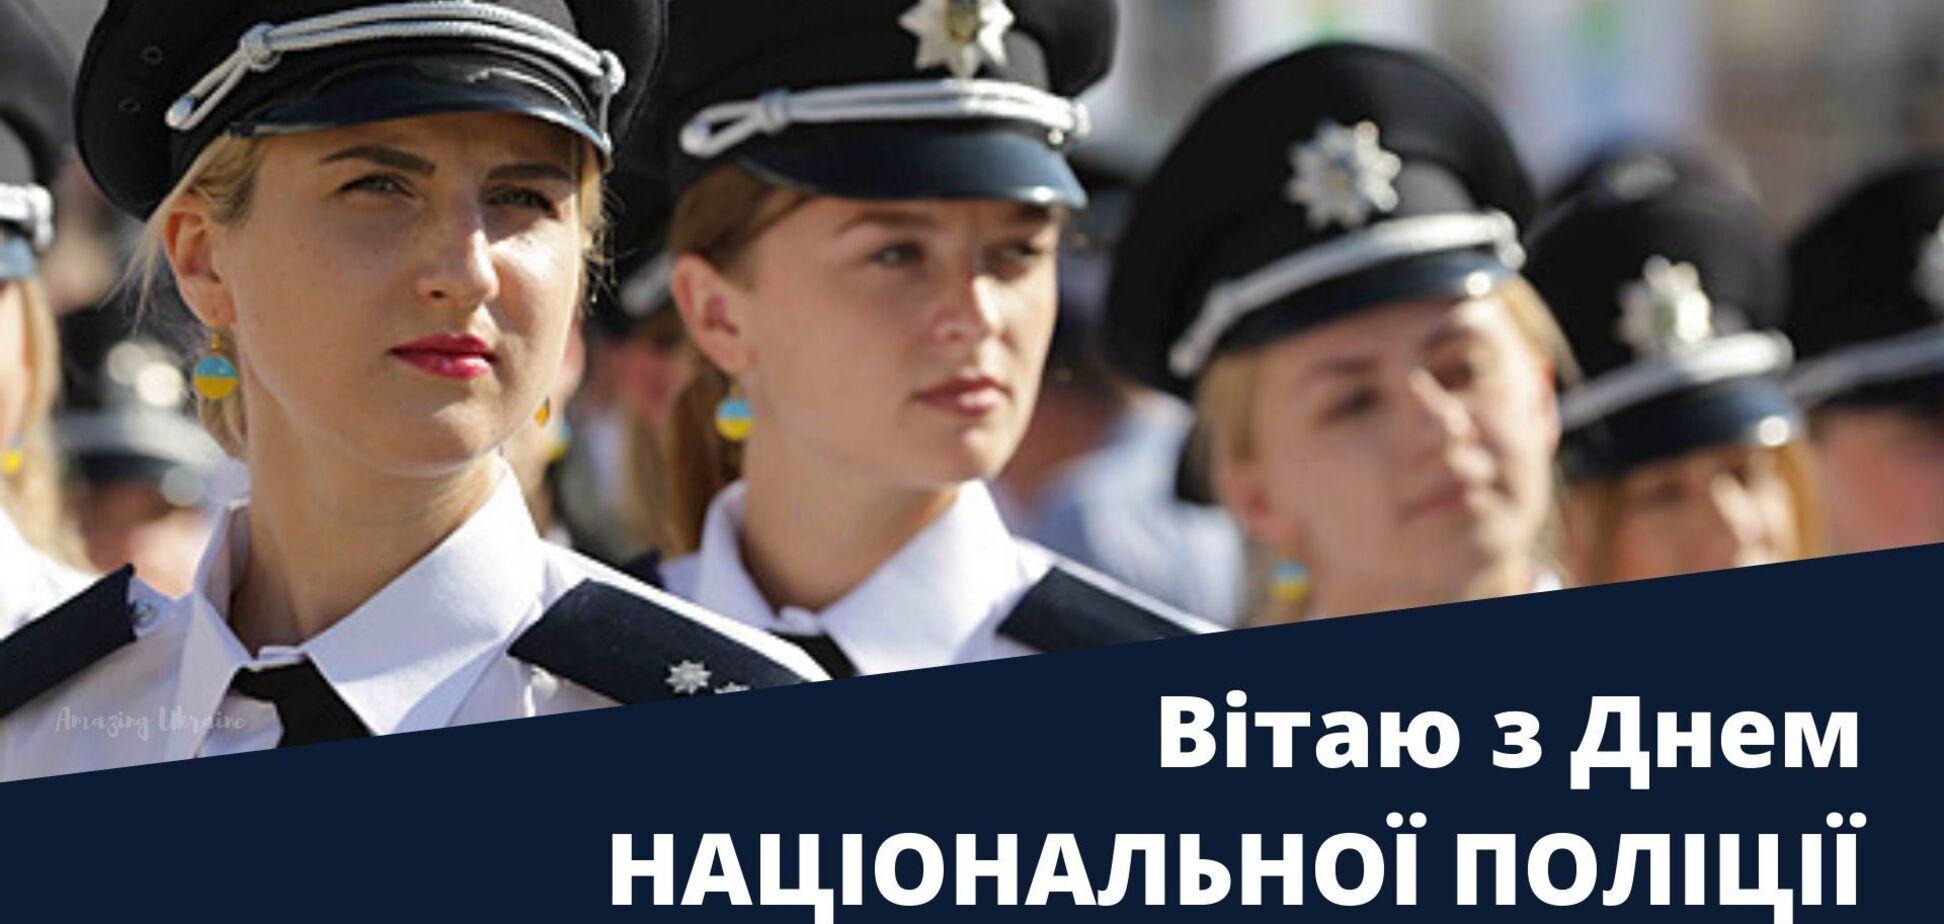 День Национальной полиции празднуют 4 июля